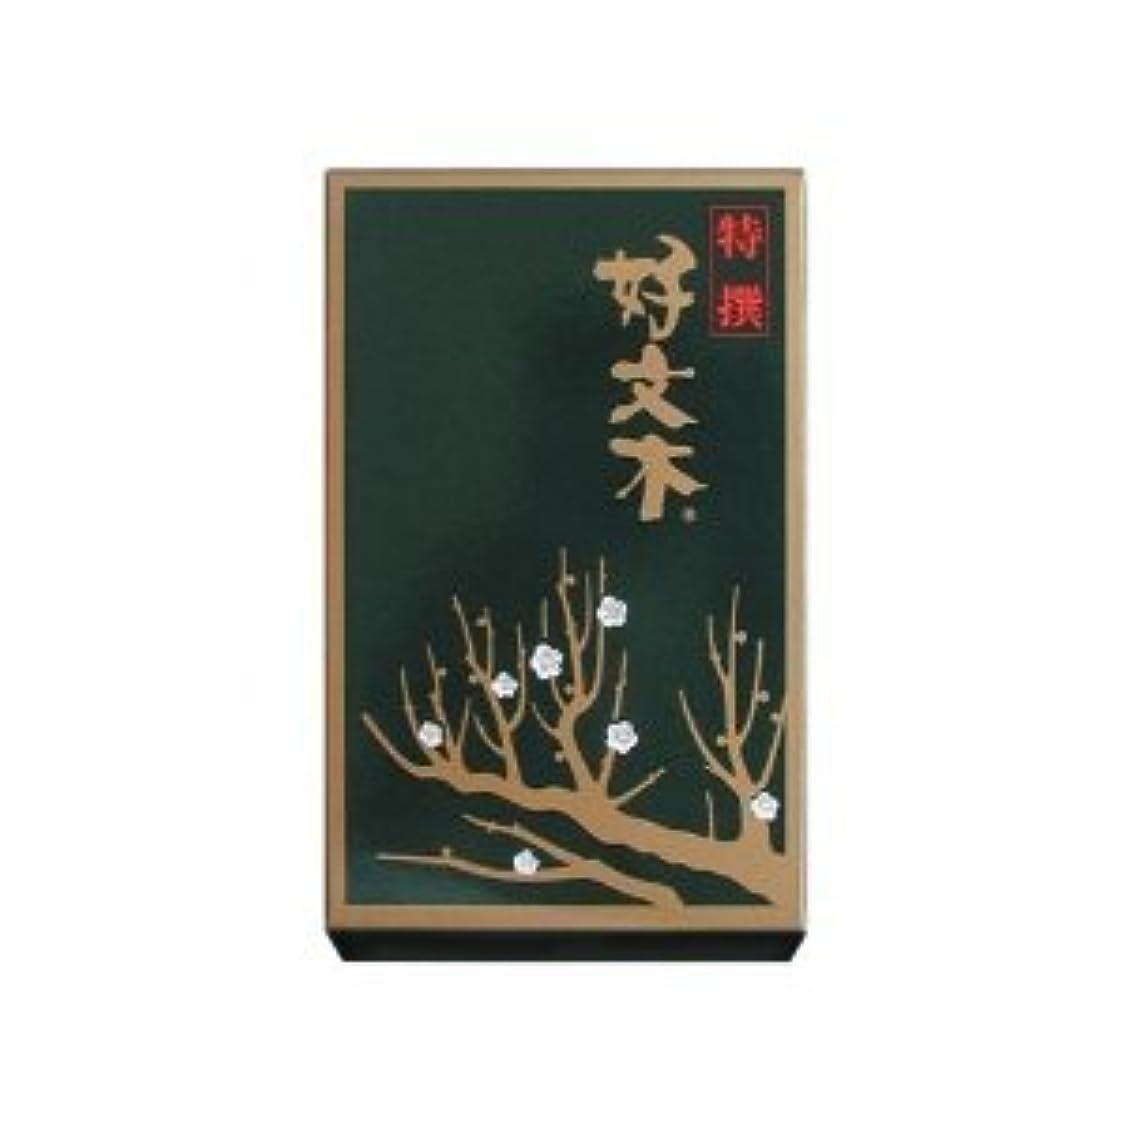 デイジービタミン展示会梅栄堂 特撰好文木 短寸大型バラ詰